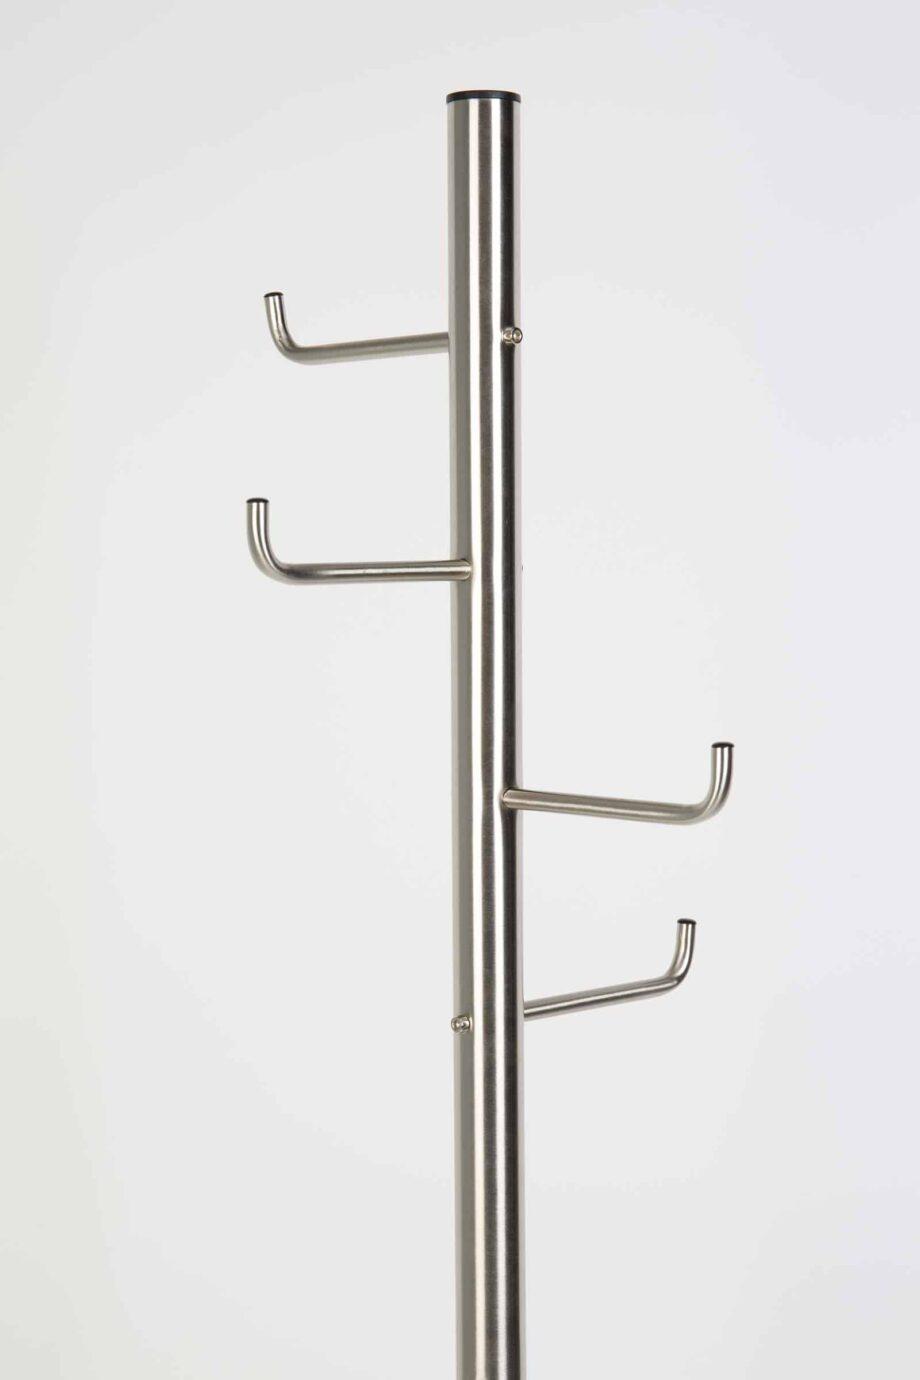 Hooked kleerhanger satijn nikkel Designshopp 2